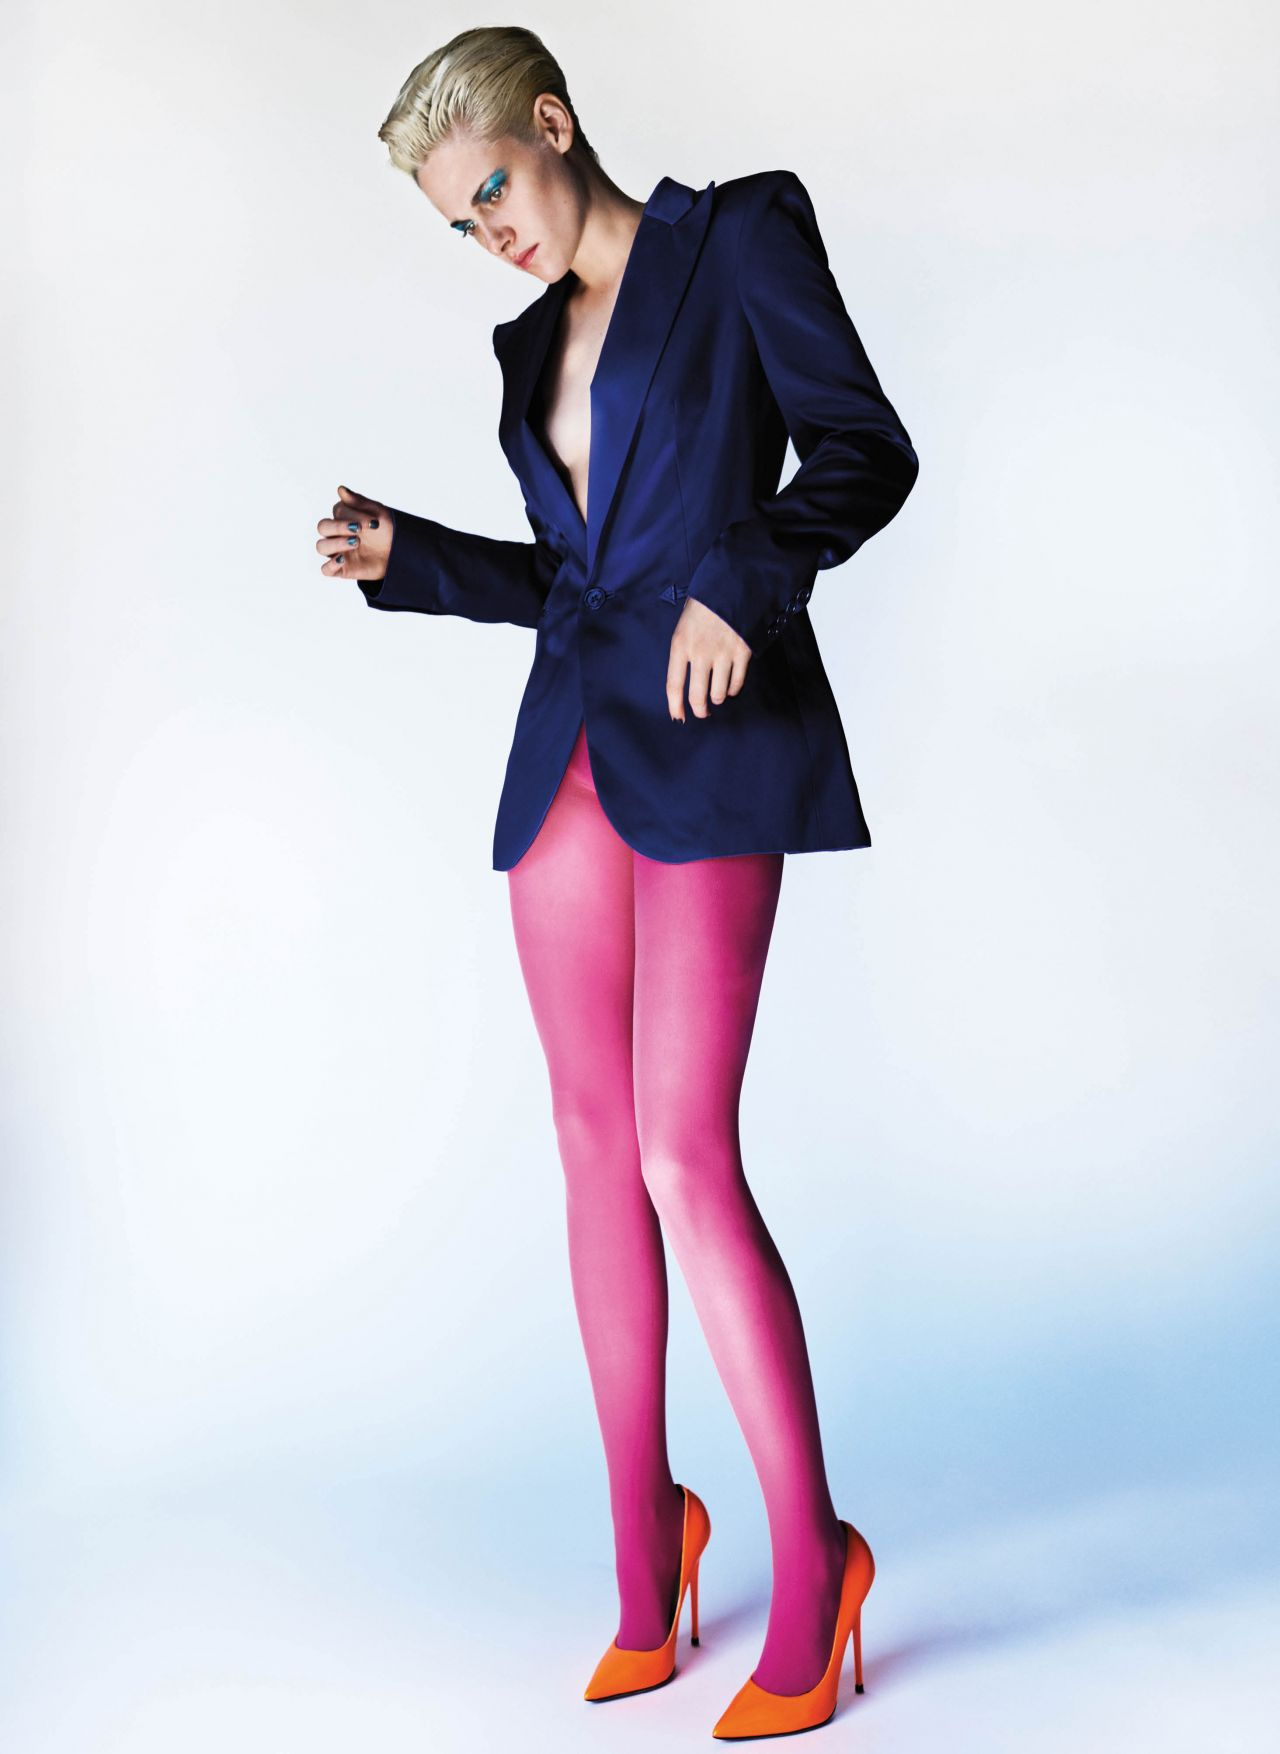 Kristen Stewart V Magazine 106 2017 Photoshoot